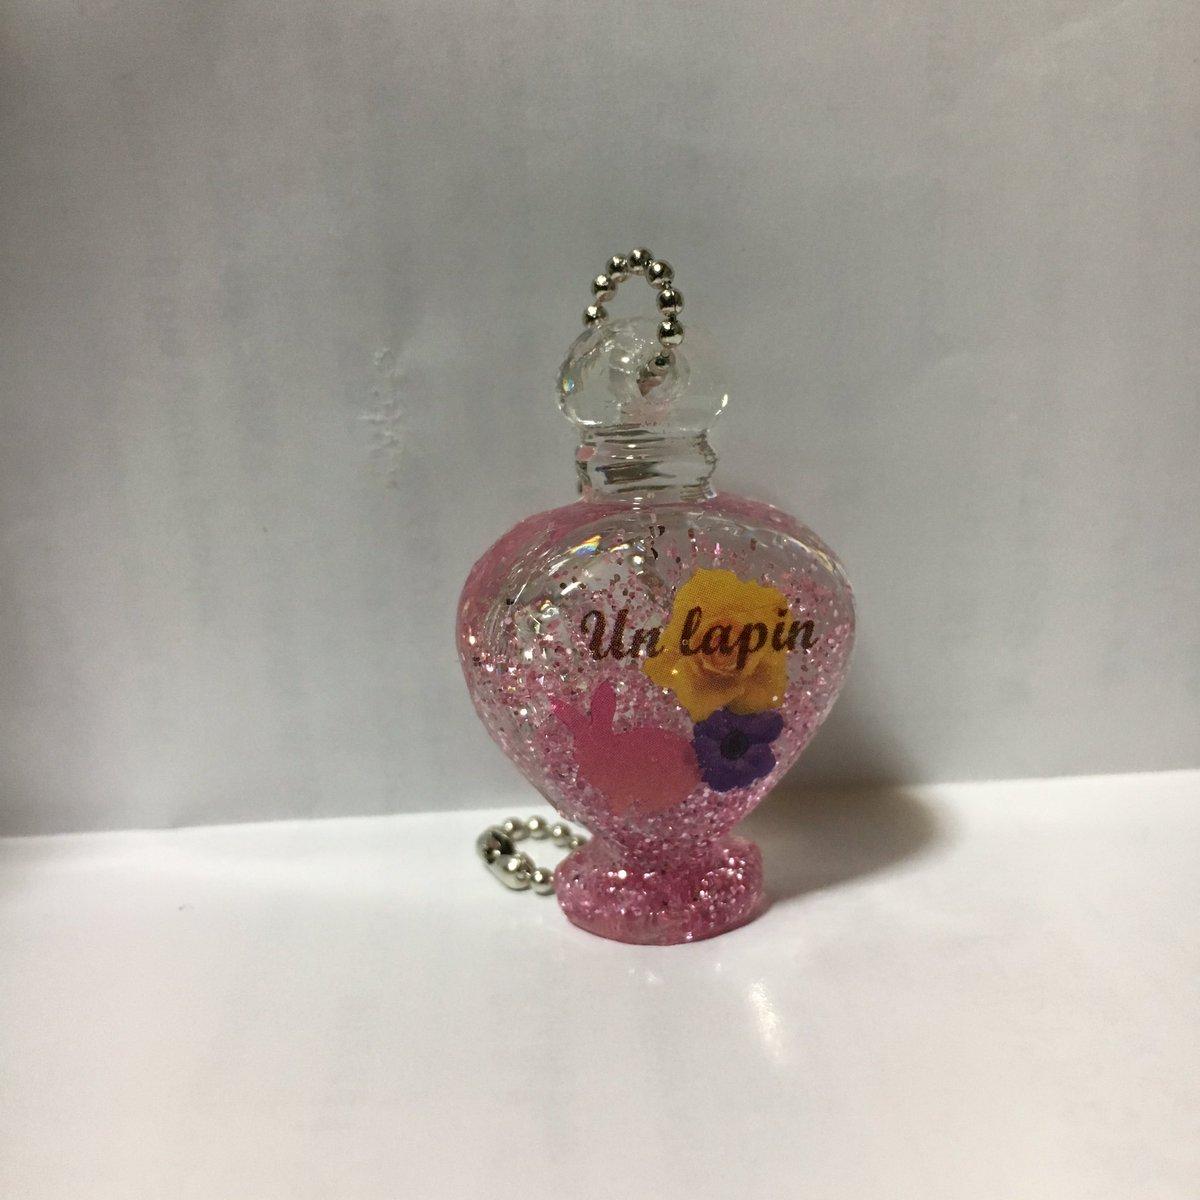 test ツイッターメディア - ダイソーのキットで作った香水瓶チャーム コロンとしてかわいい形になりますね 目立つところに気泡が入ってしまった  ボールチェーンだけ用意すれば、モールドは繰り返し使えるしデザインフィルムもラメも何個分も入ってるからまた作れるのがいいところ #レジン #レジン初心者 #ダイソー https://t.co/sr108xzrtQ